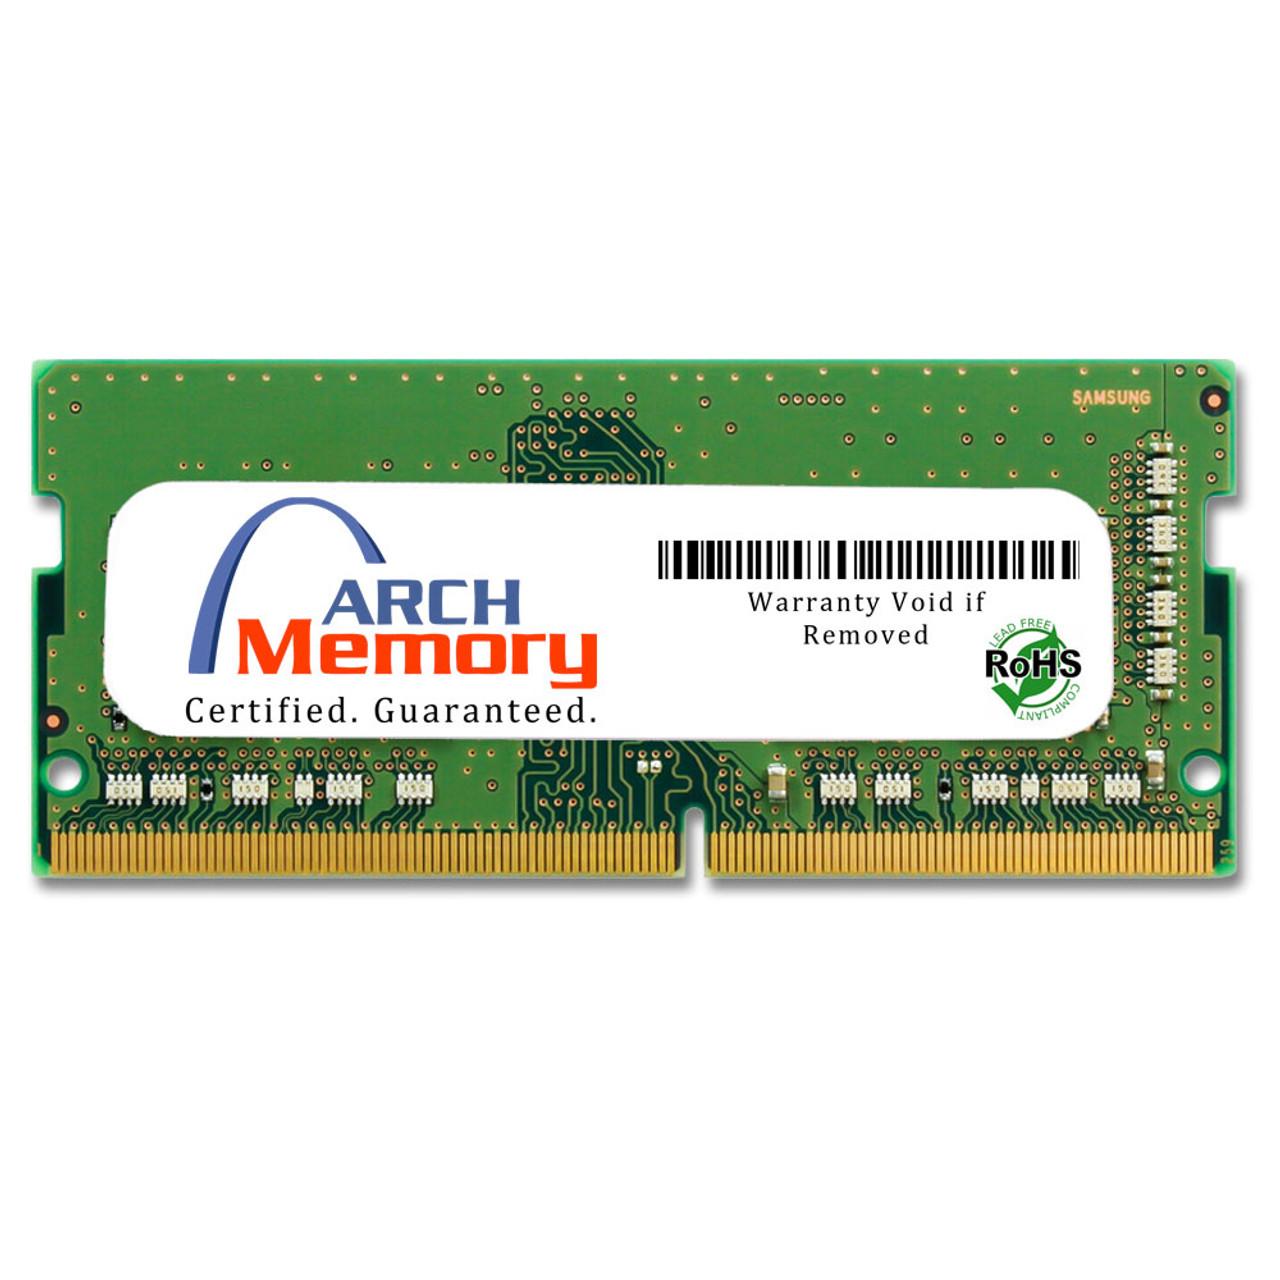 4GB 260-Pin DDR4-2666 PC4-21300 Sodimm RAM